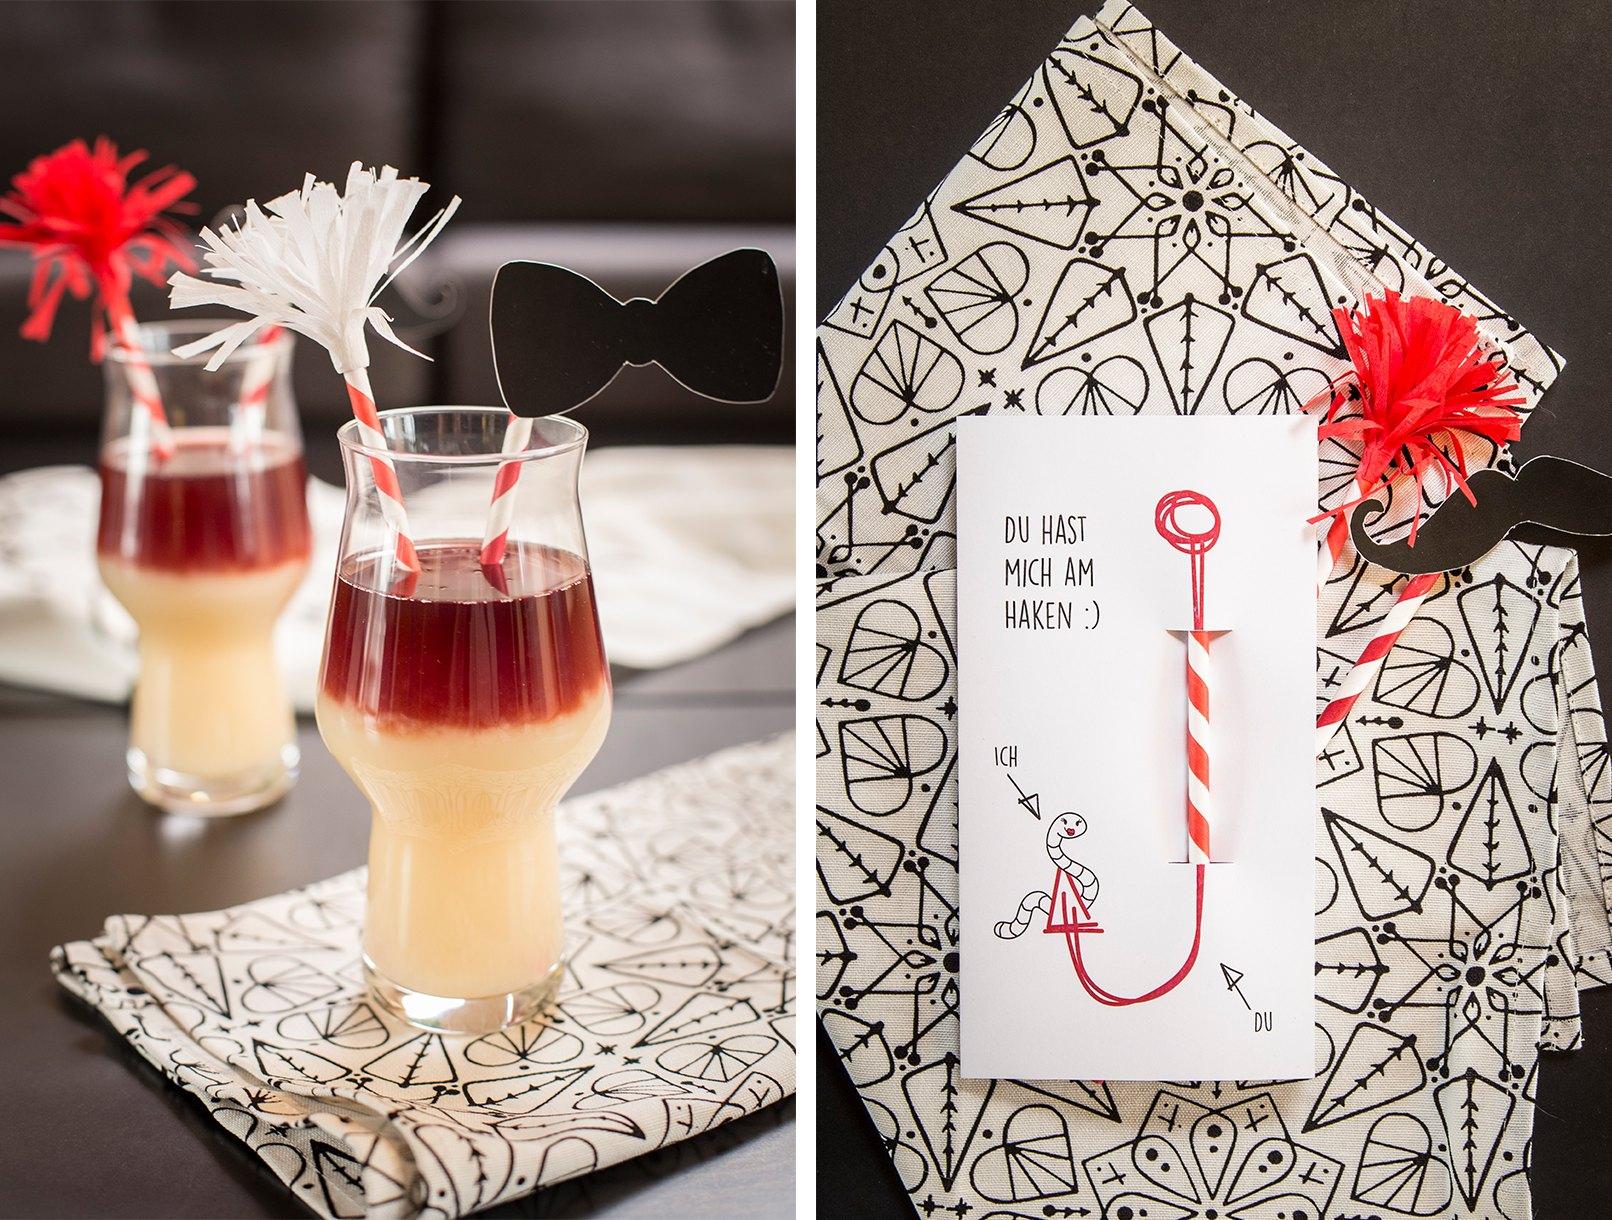 Kostenloses Freebie Zum Valentinstag. Ladet Euren Partner Mit Dieser Karte  Zum Cocktailtrinken Ein.